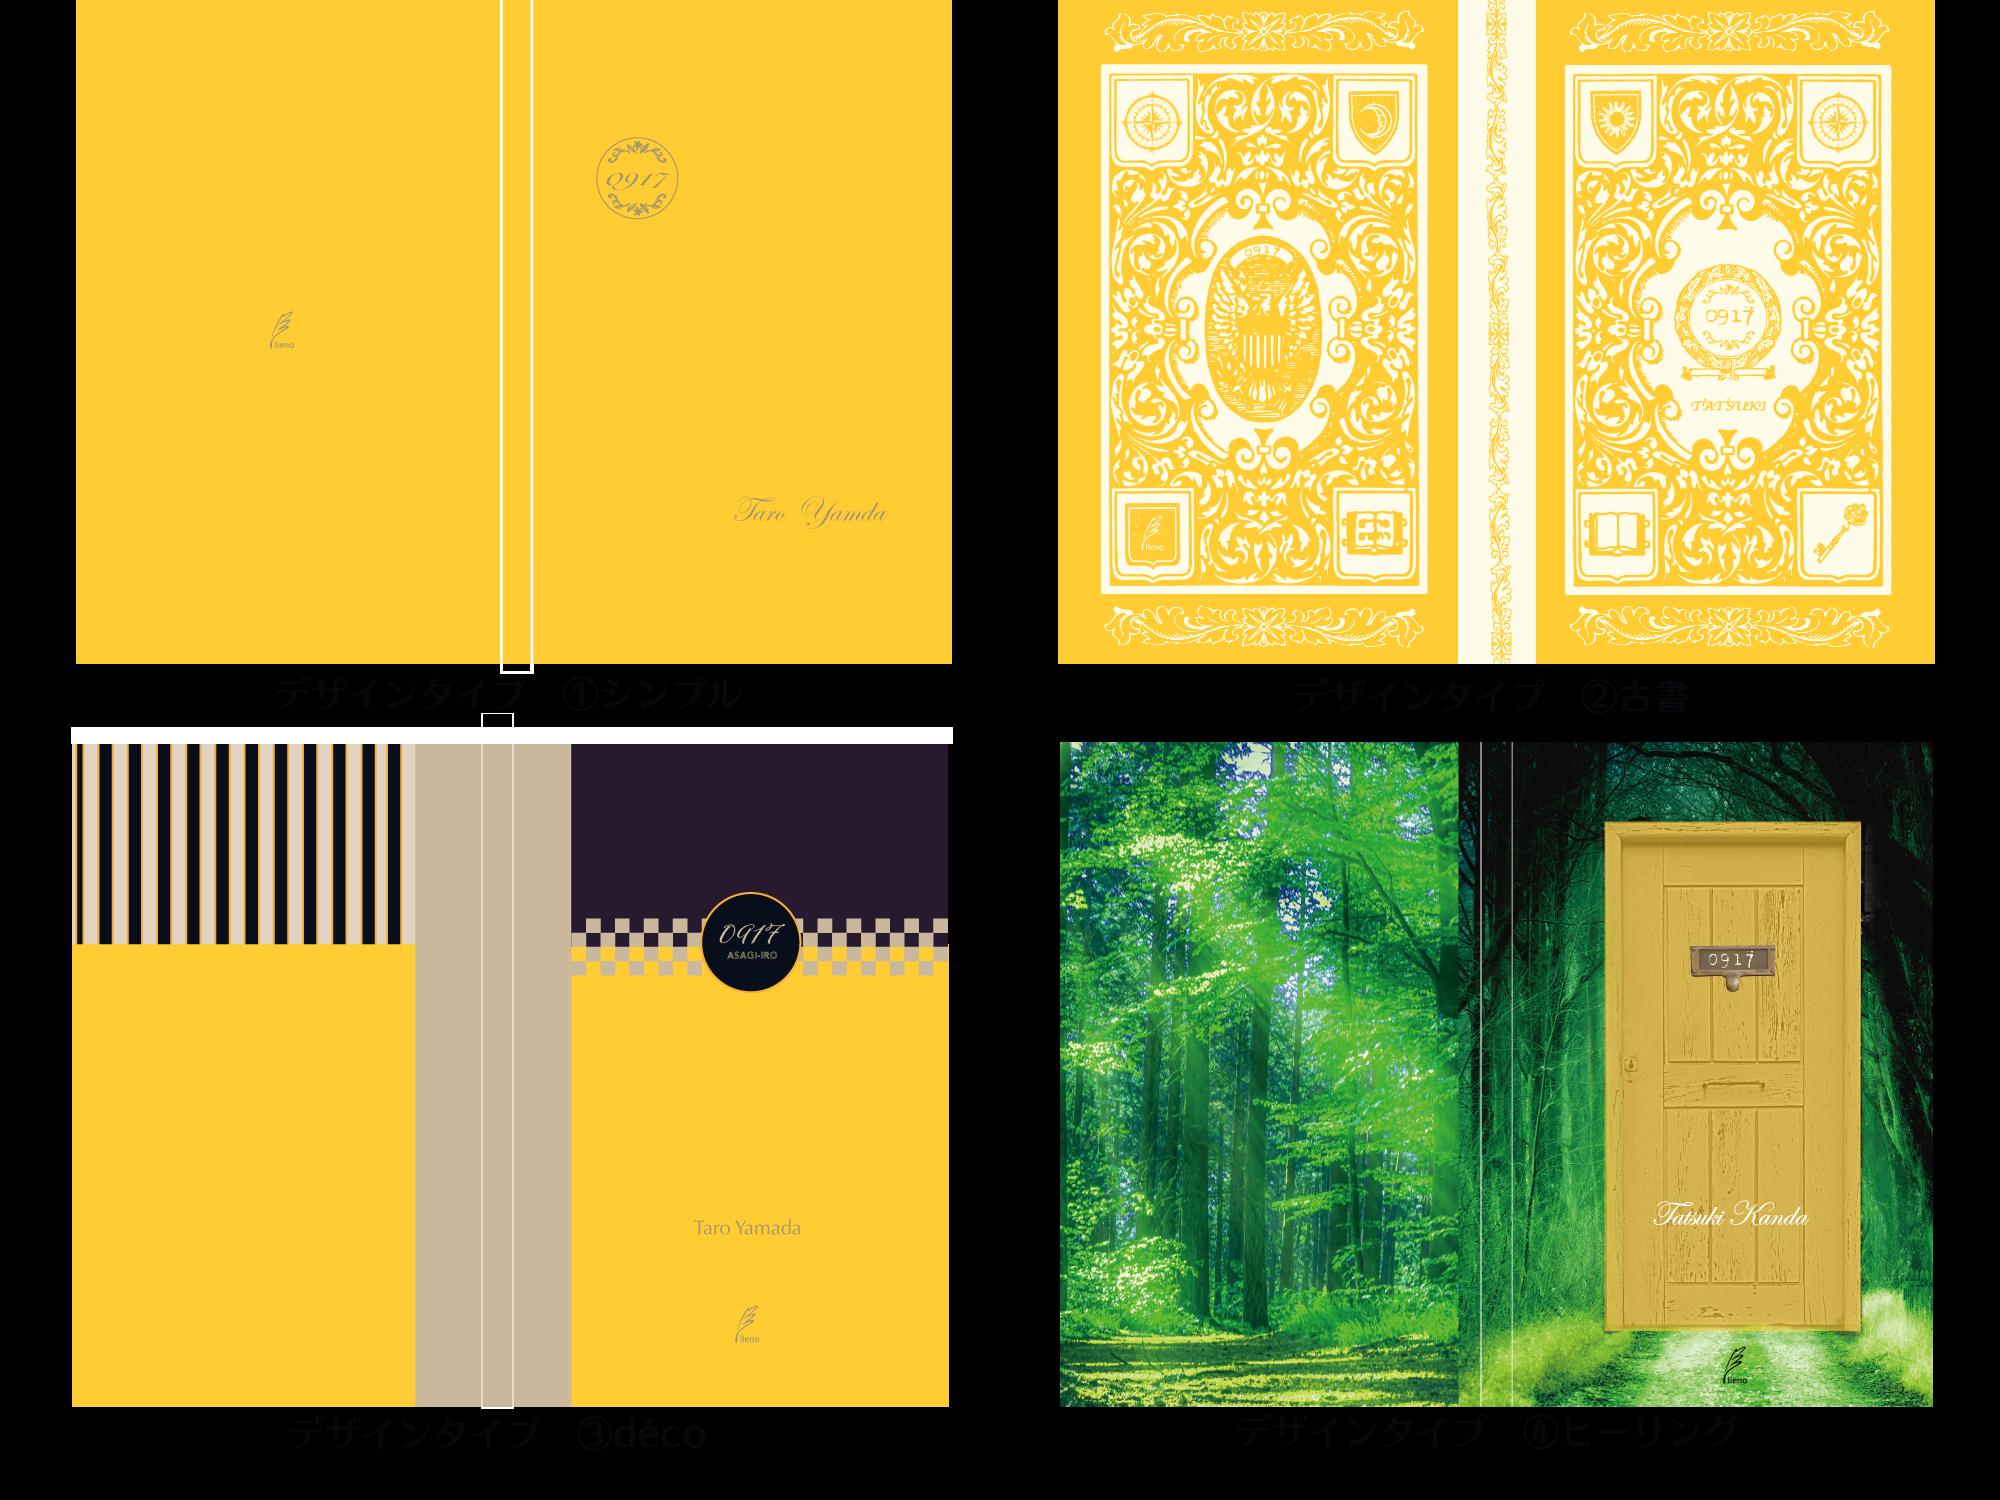 運命のノート『9月17日 浅黄色』(鑑定&メッセージカード付)